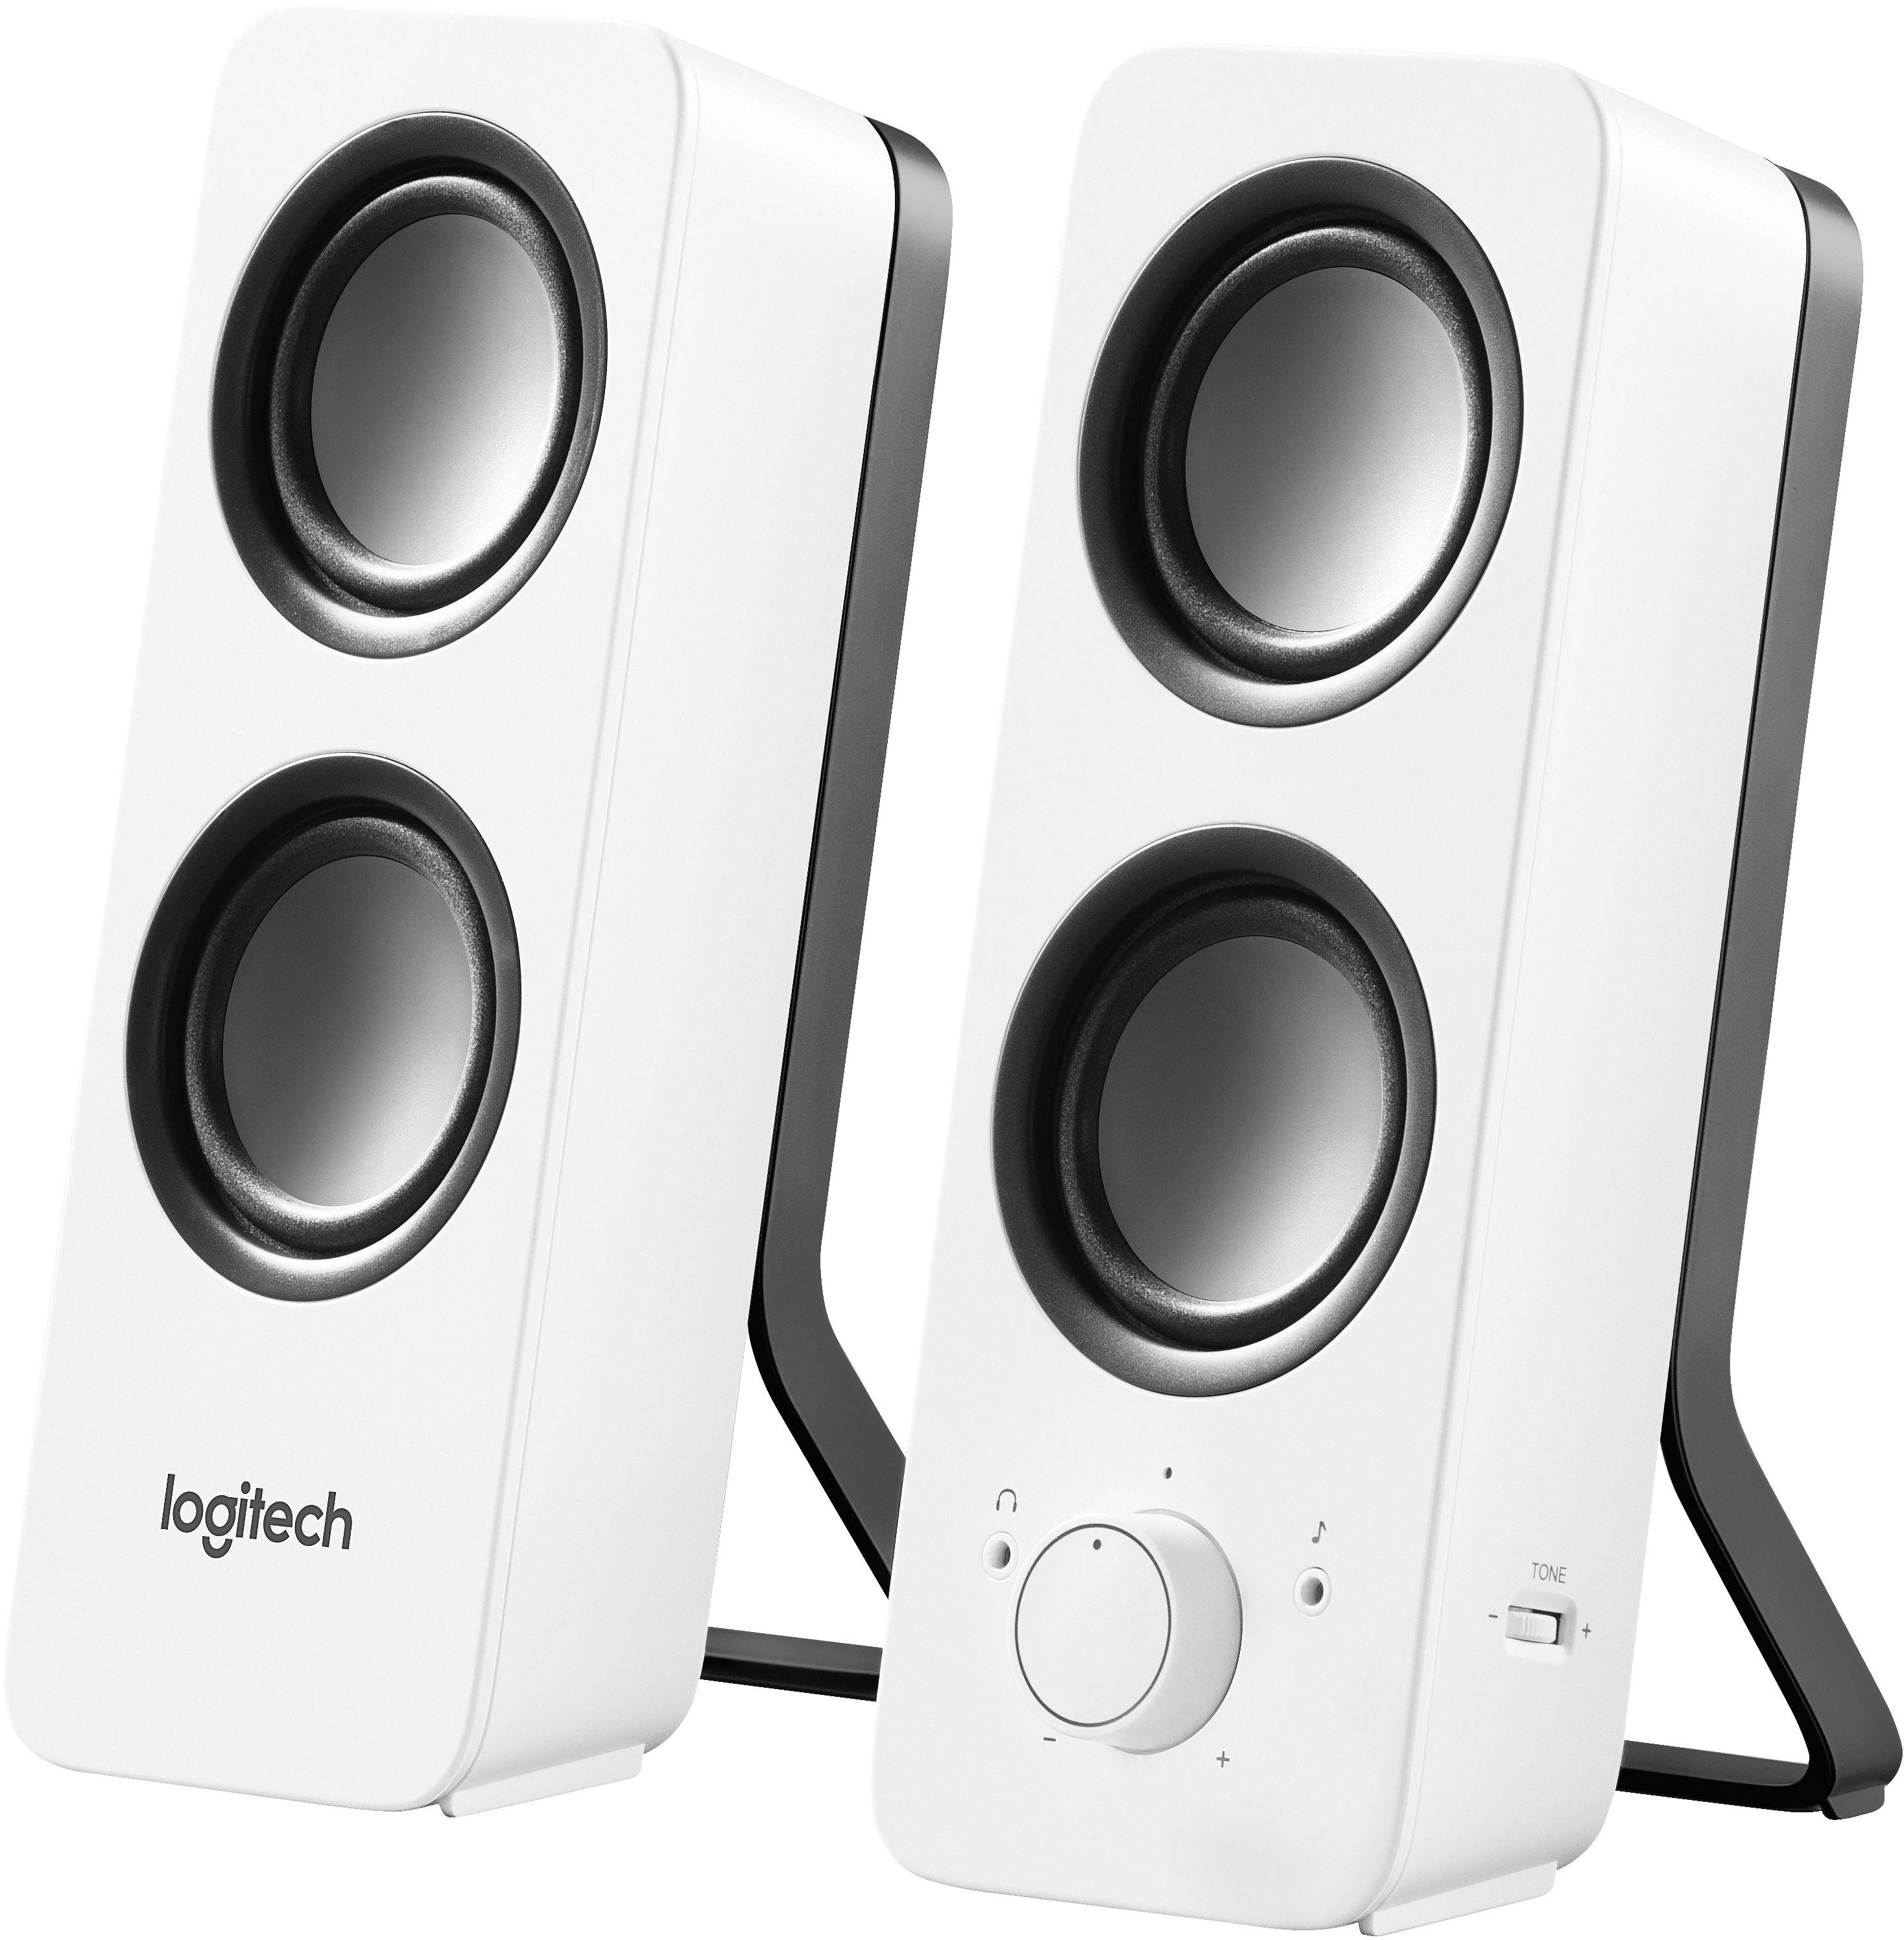 Logitech 980-000811 Z200 2.0 channels Wired 10 W White